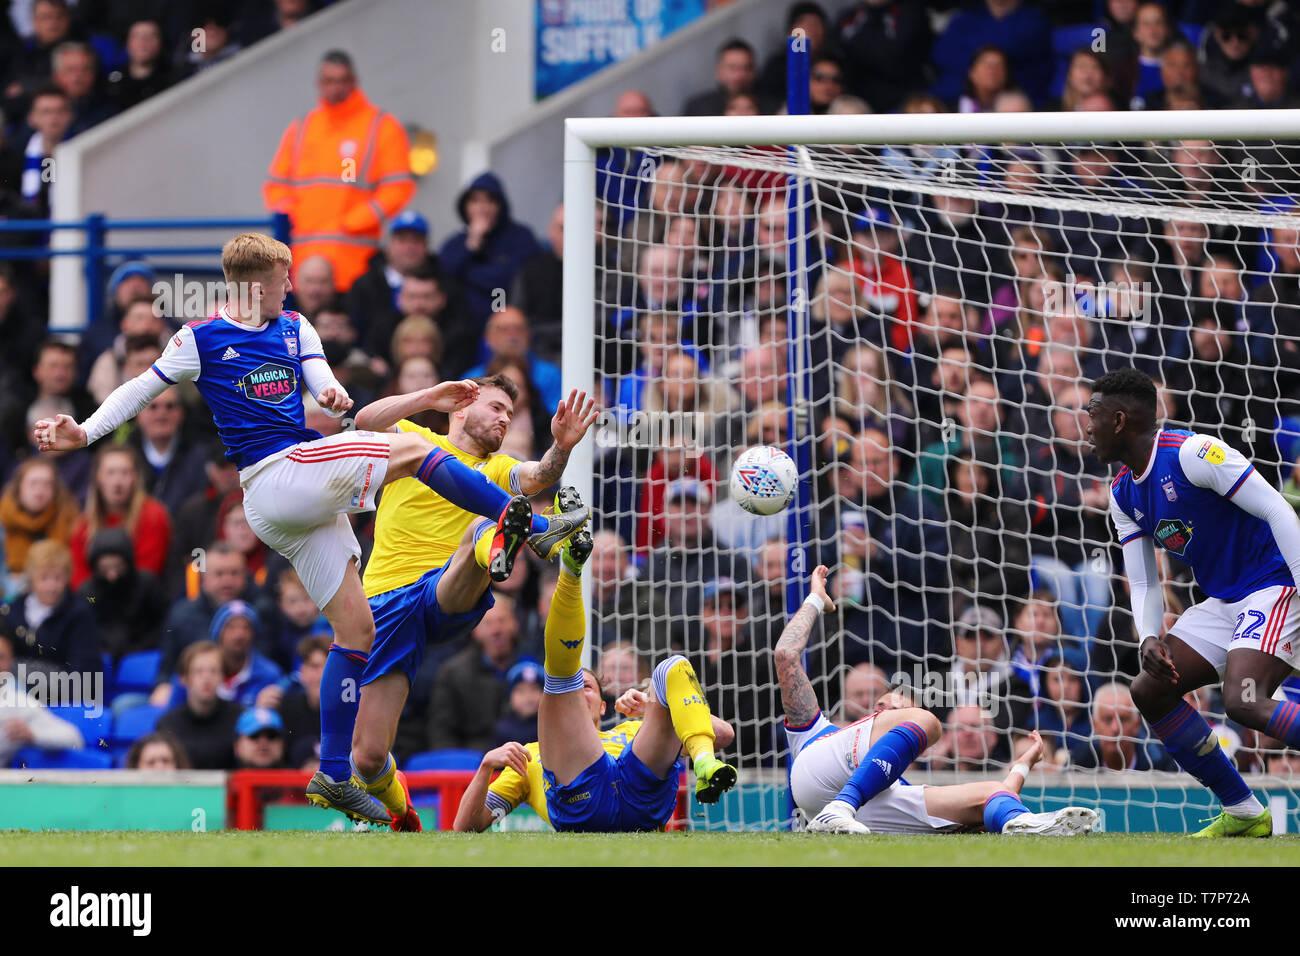 Leeds 0 Stock Photos & Leeds 0 Stock Images - Alamy